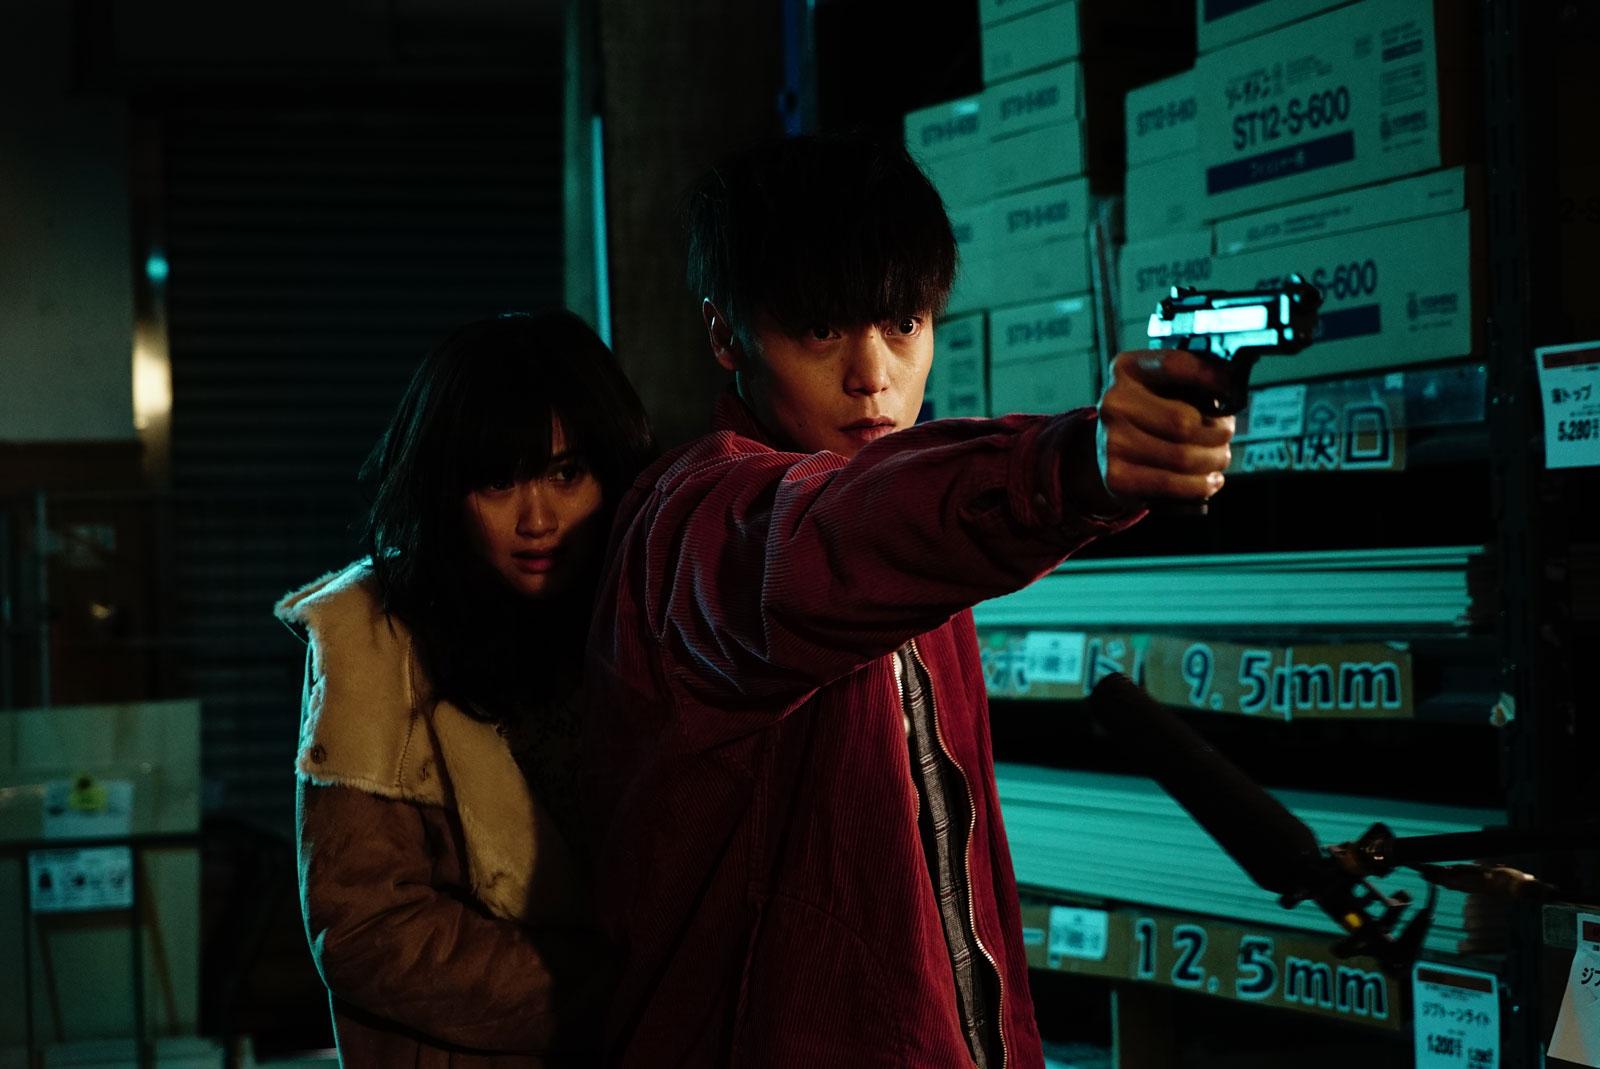 First Love dirigido por Takashi Miike